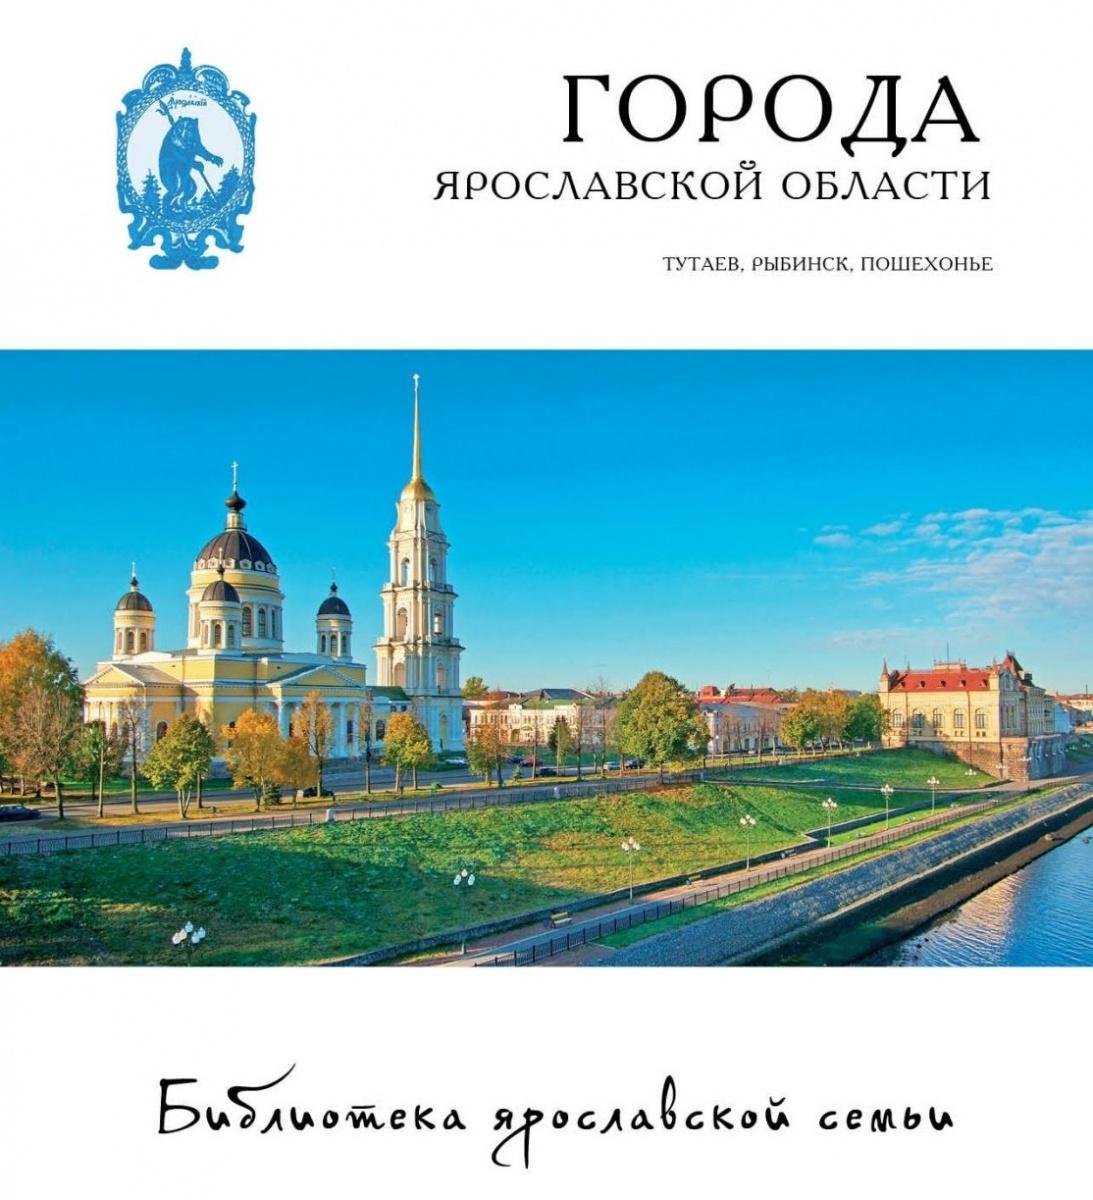 Города Ярославской области. Романов-, Рыбинск, Пошехонье.